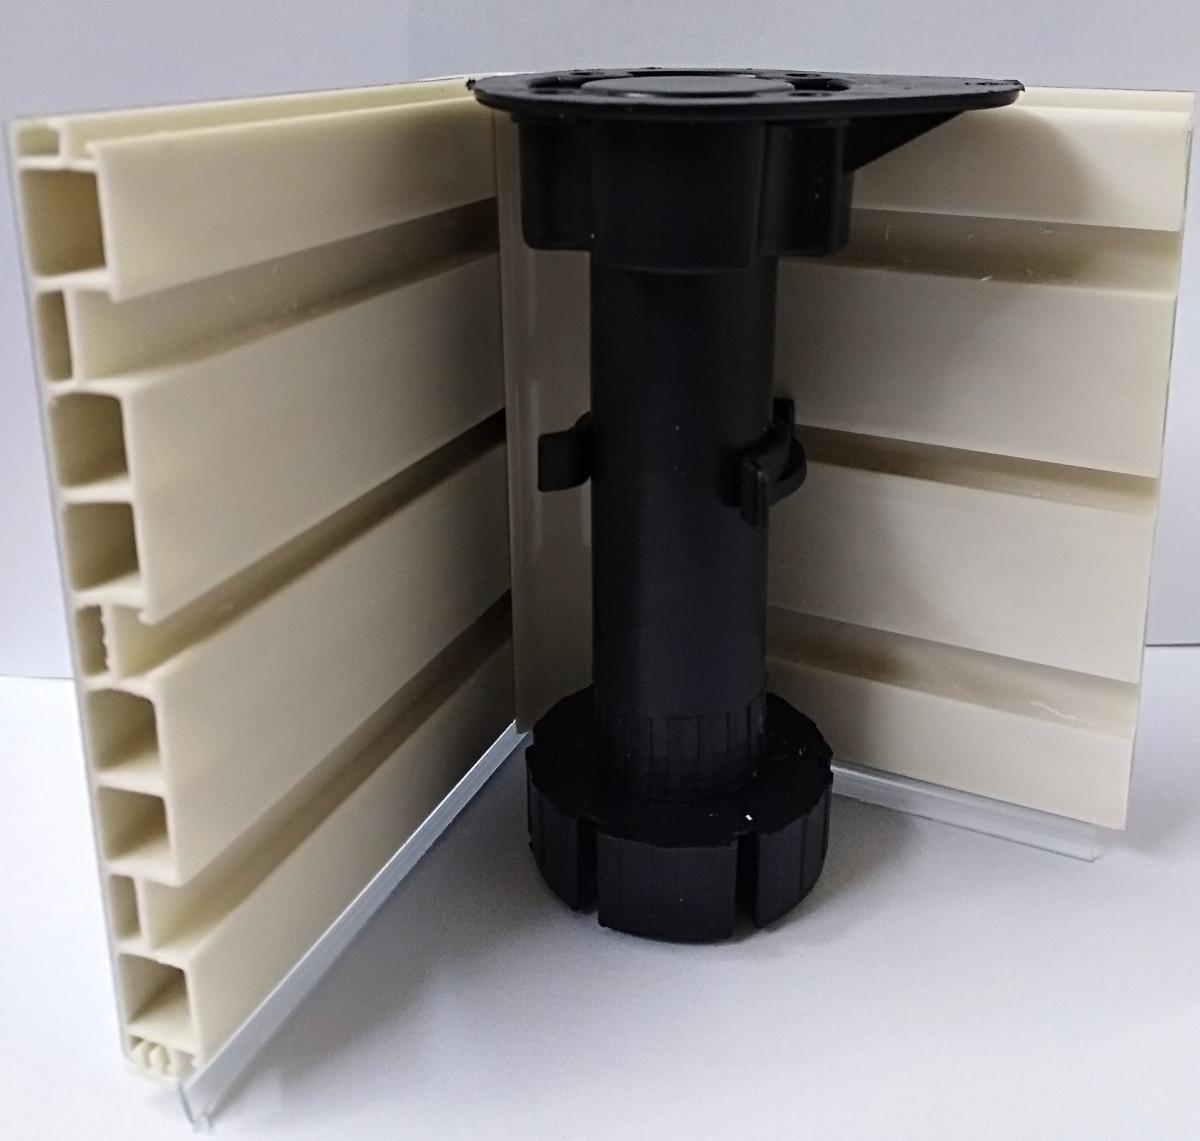 Zócalo Para Mueble De Cocina De Pvc Con Aluminio 12cm - $ 12.114,00 ...